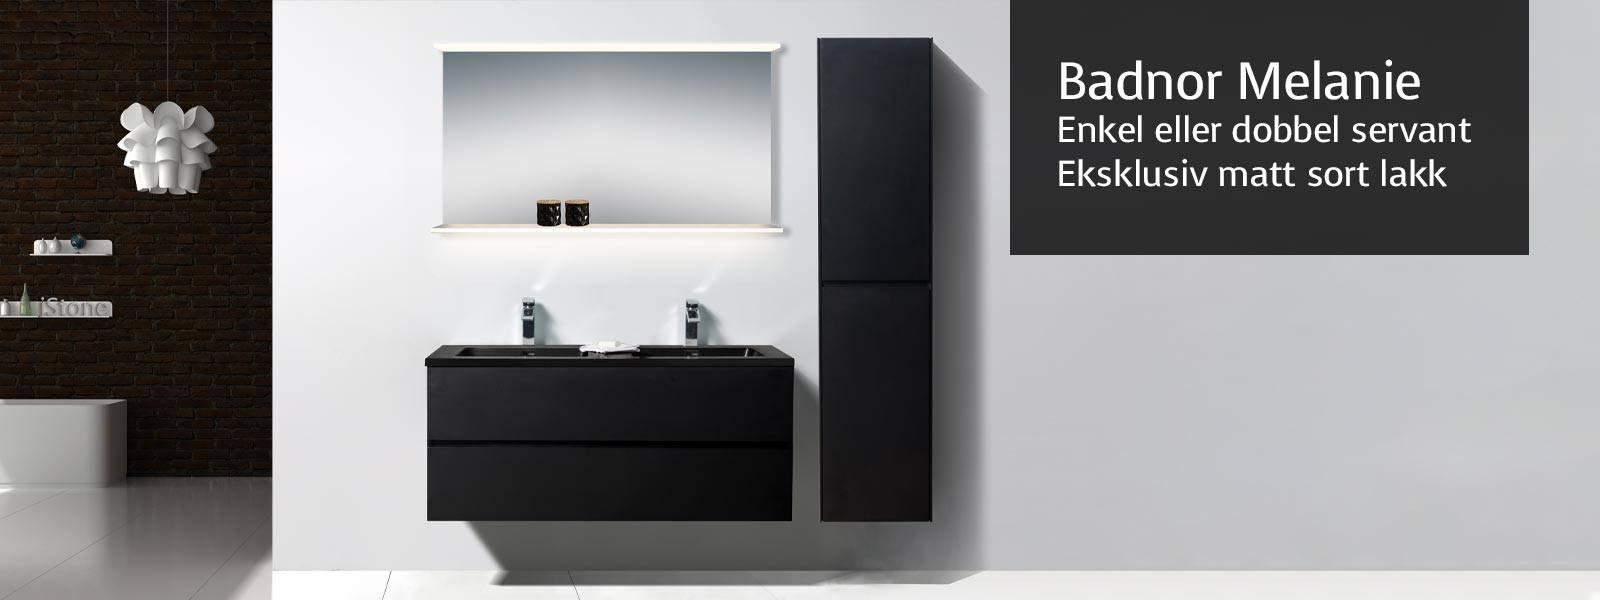 Melanie-serien er moderne og slitesterke baderomsmøbler i tidsriktig matt svart utførelse og sort servant. Servantskap flere størrelser, 75cm, 90cm og 120cm. Sistnevnte er tilgjengelig med både enkel og dobbel servant i sort quartz sand kompositt.